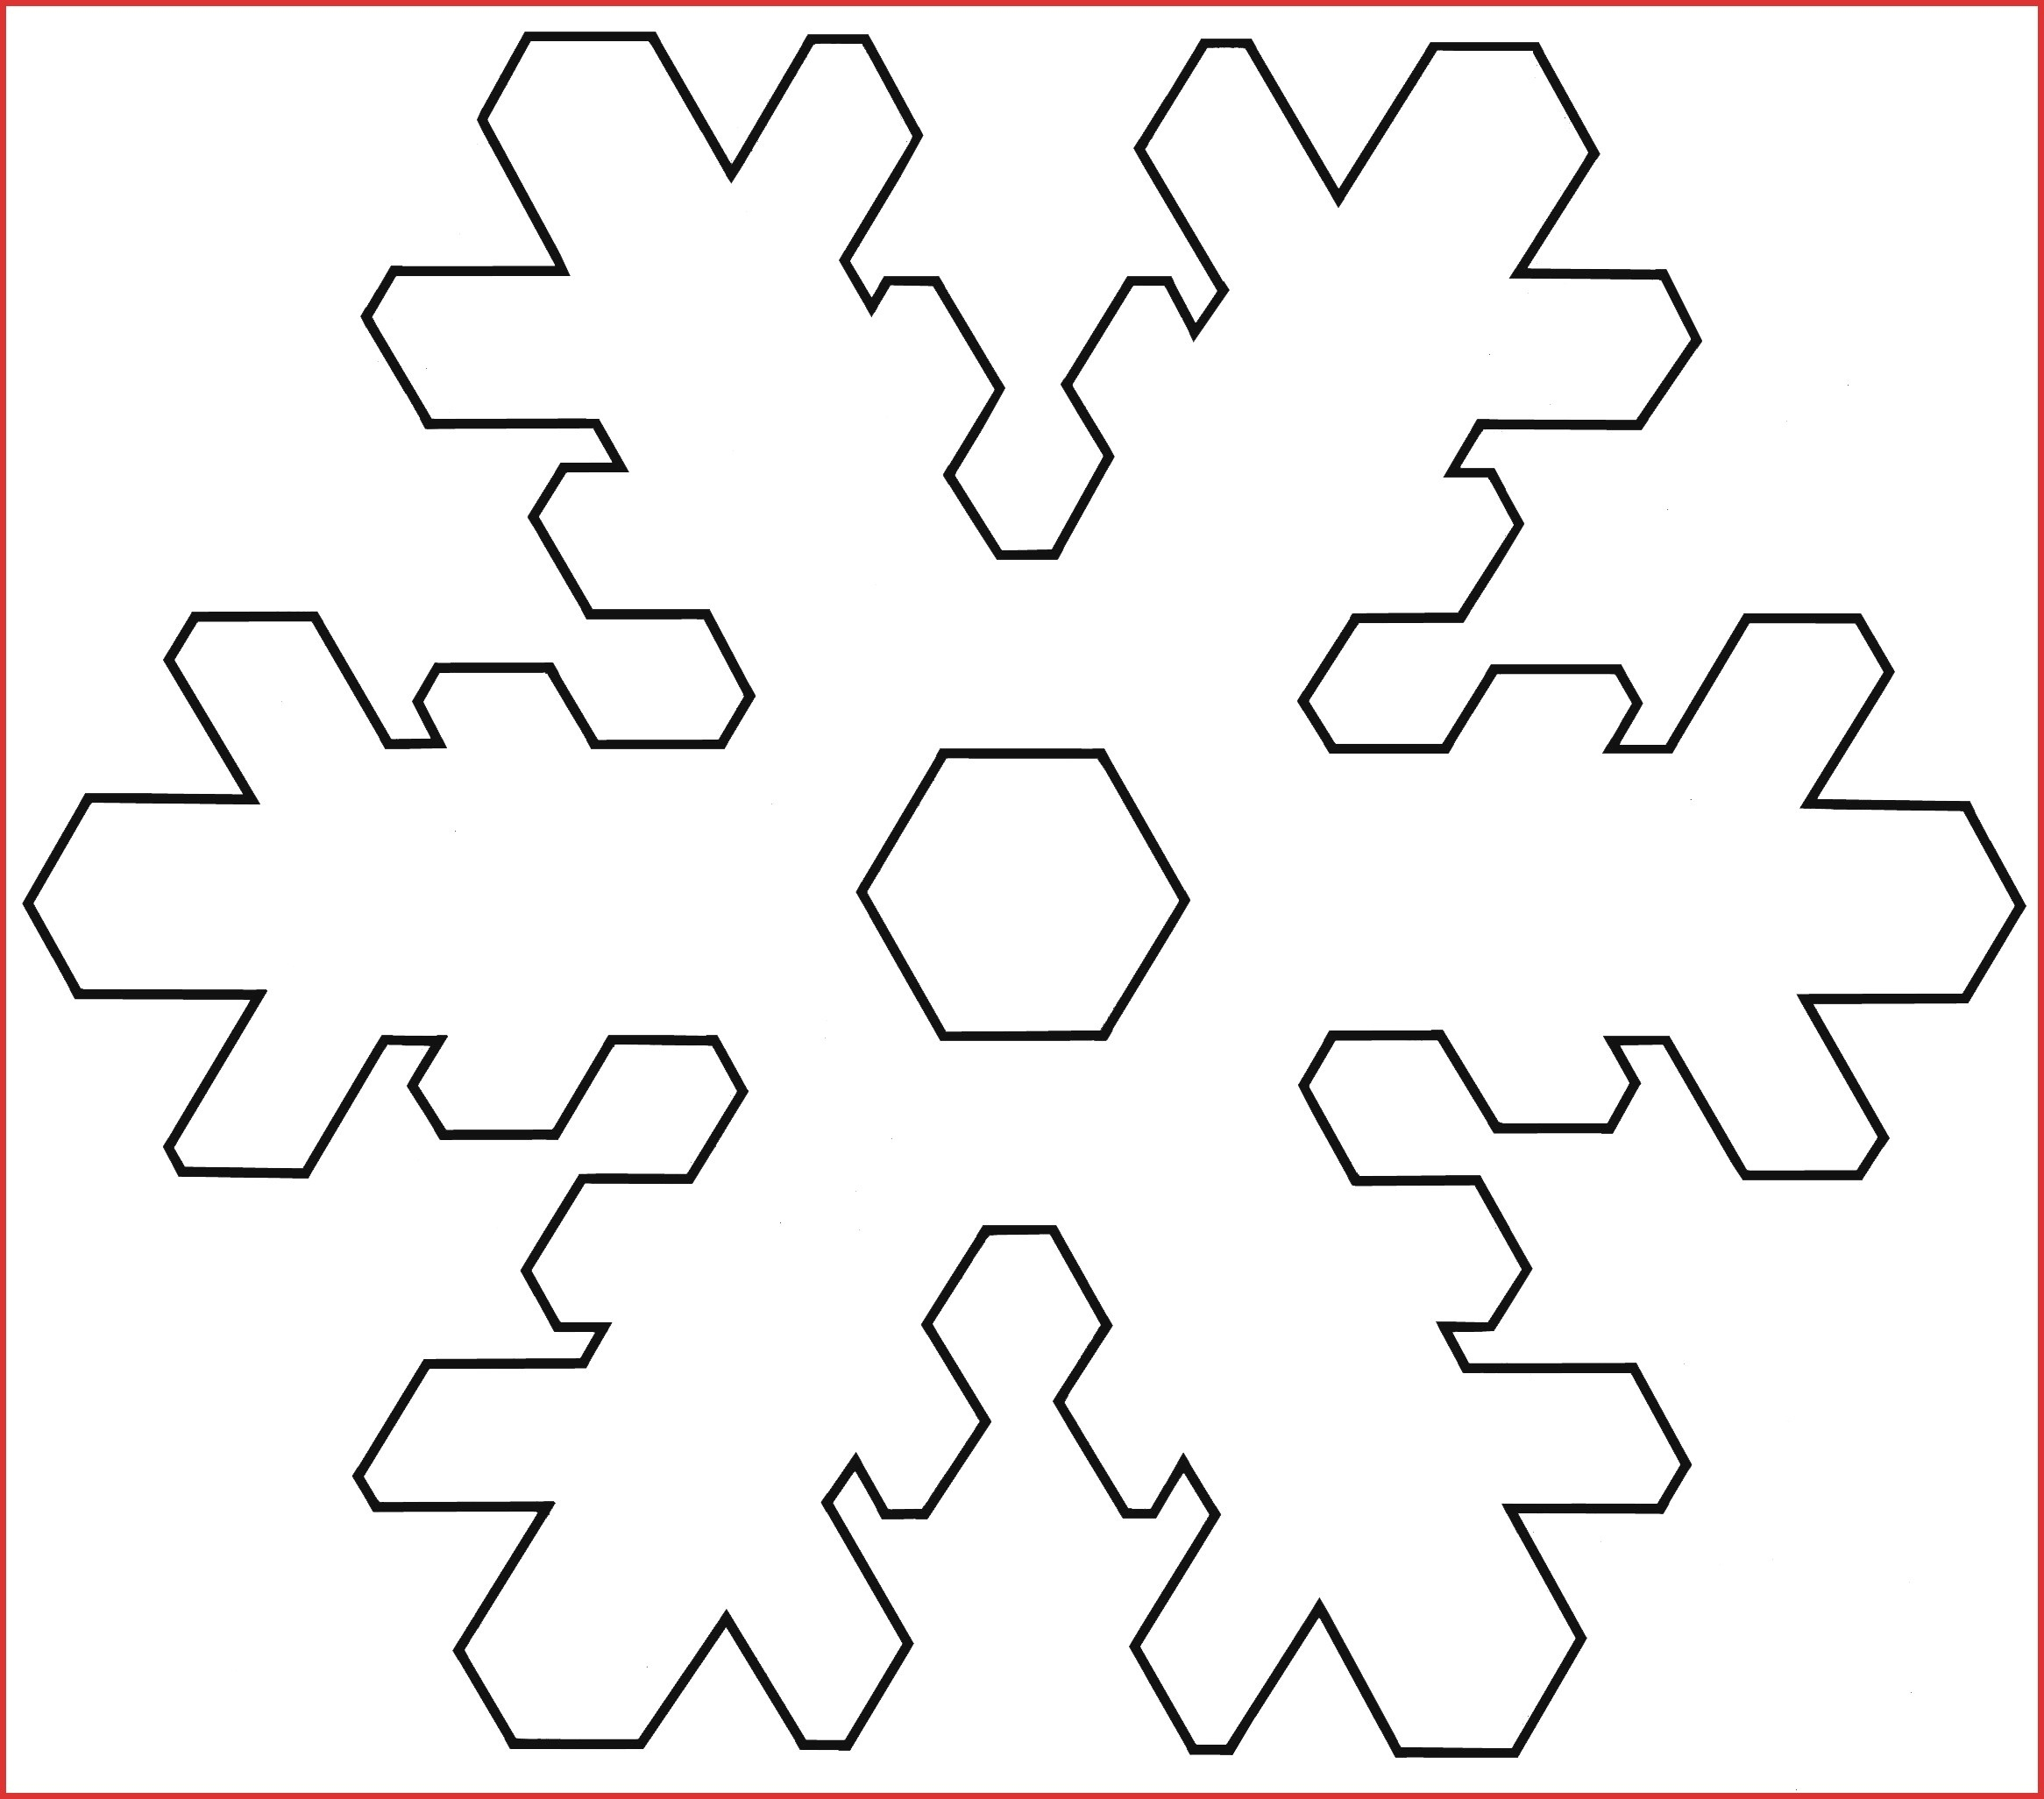 Inspirational Printable Snowflakes | Cobble Usa - Snowflake Template Free Printable